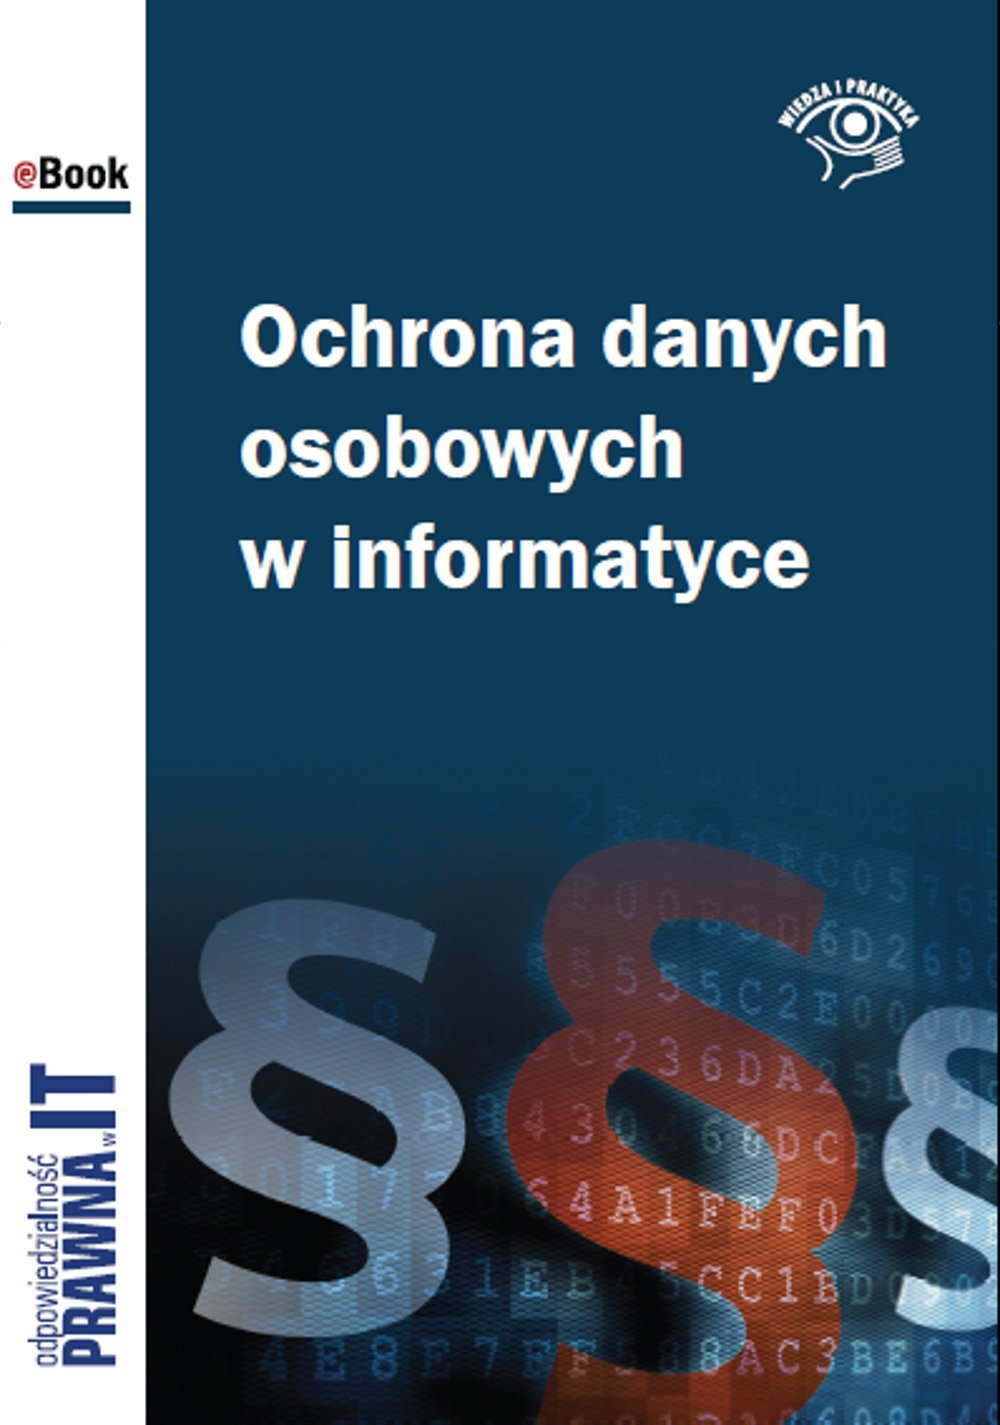 Ochrona danych osobowych w informatyce - Ebook (Książka na Kindle) do pobrania w formacie MOBI